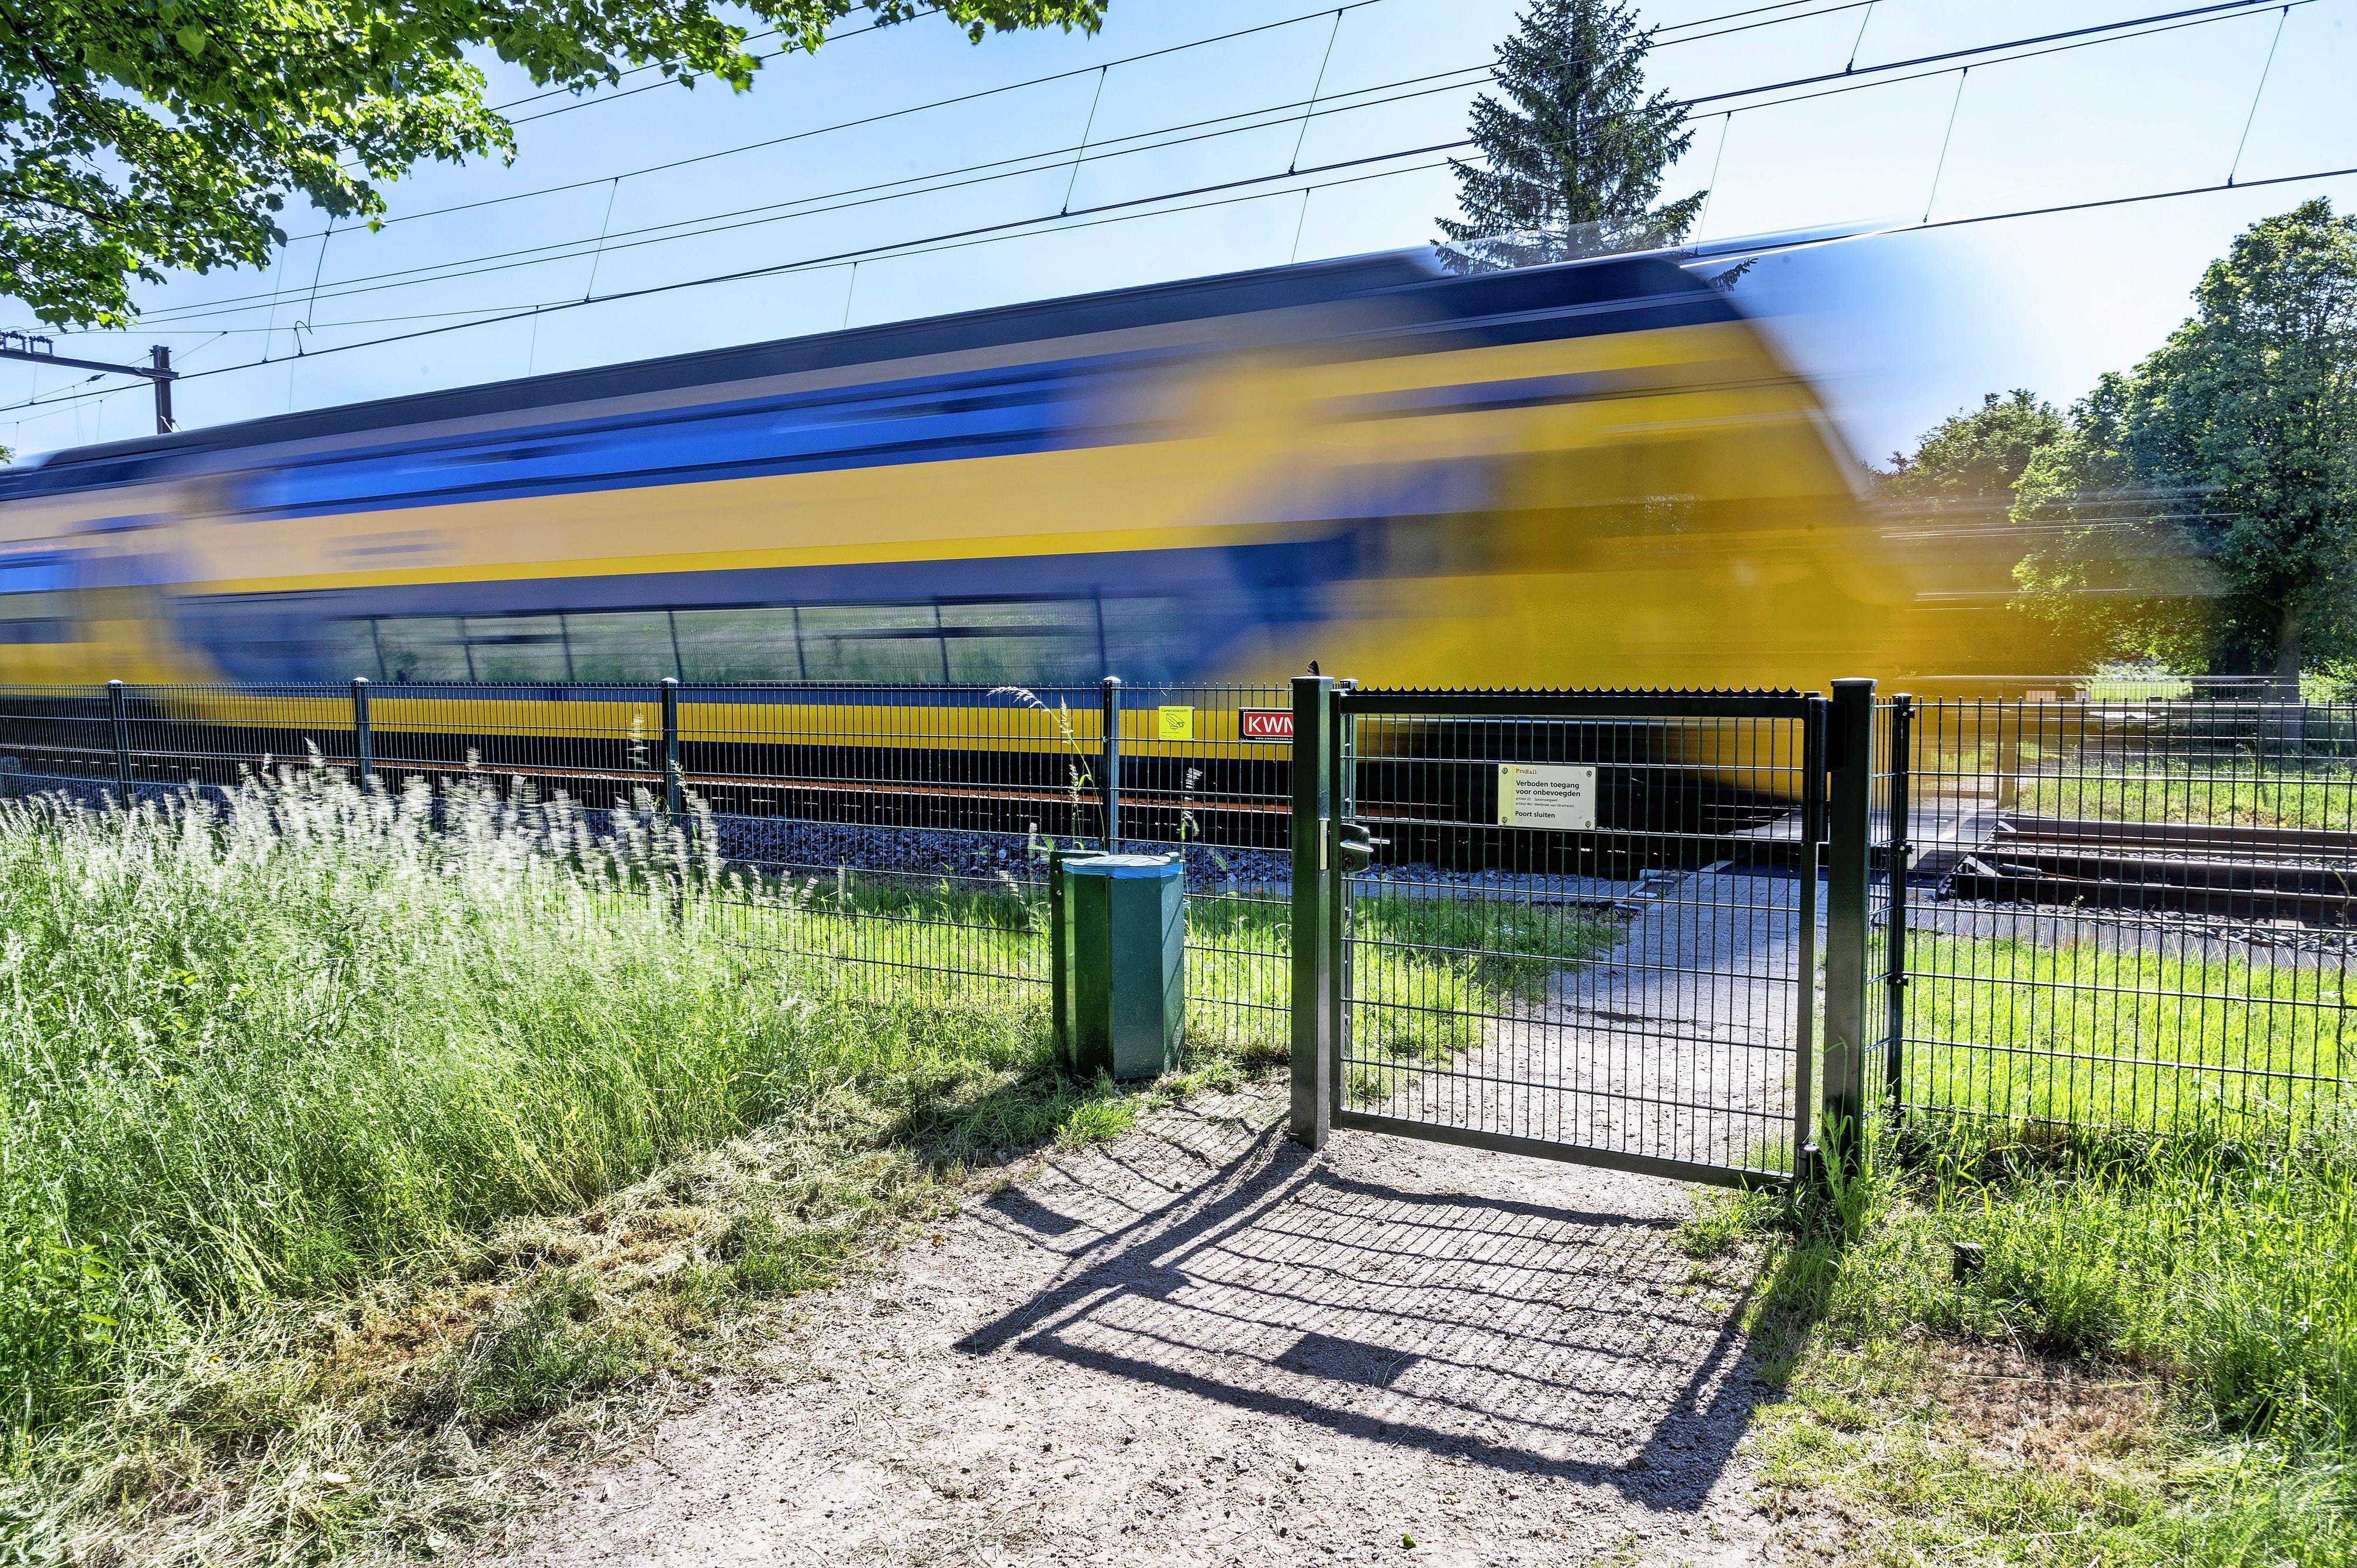 Tunneltje naar Leyduin, einde aan onveilige oversteek naar Buitenplaats